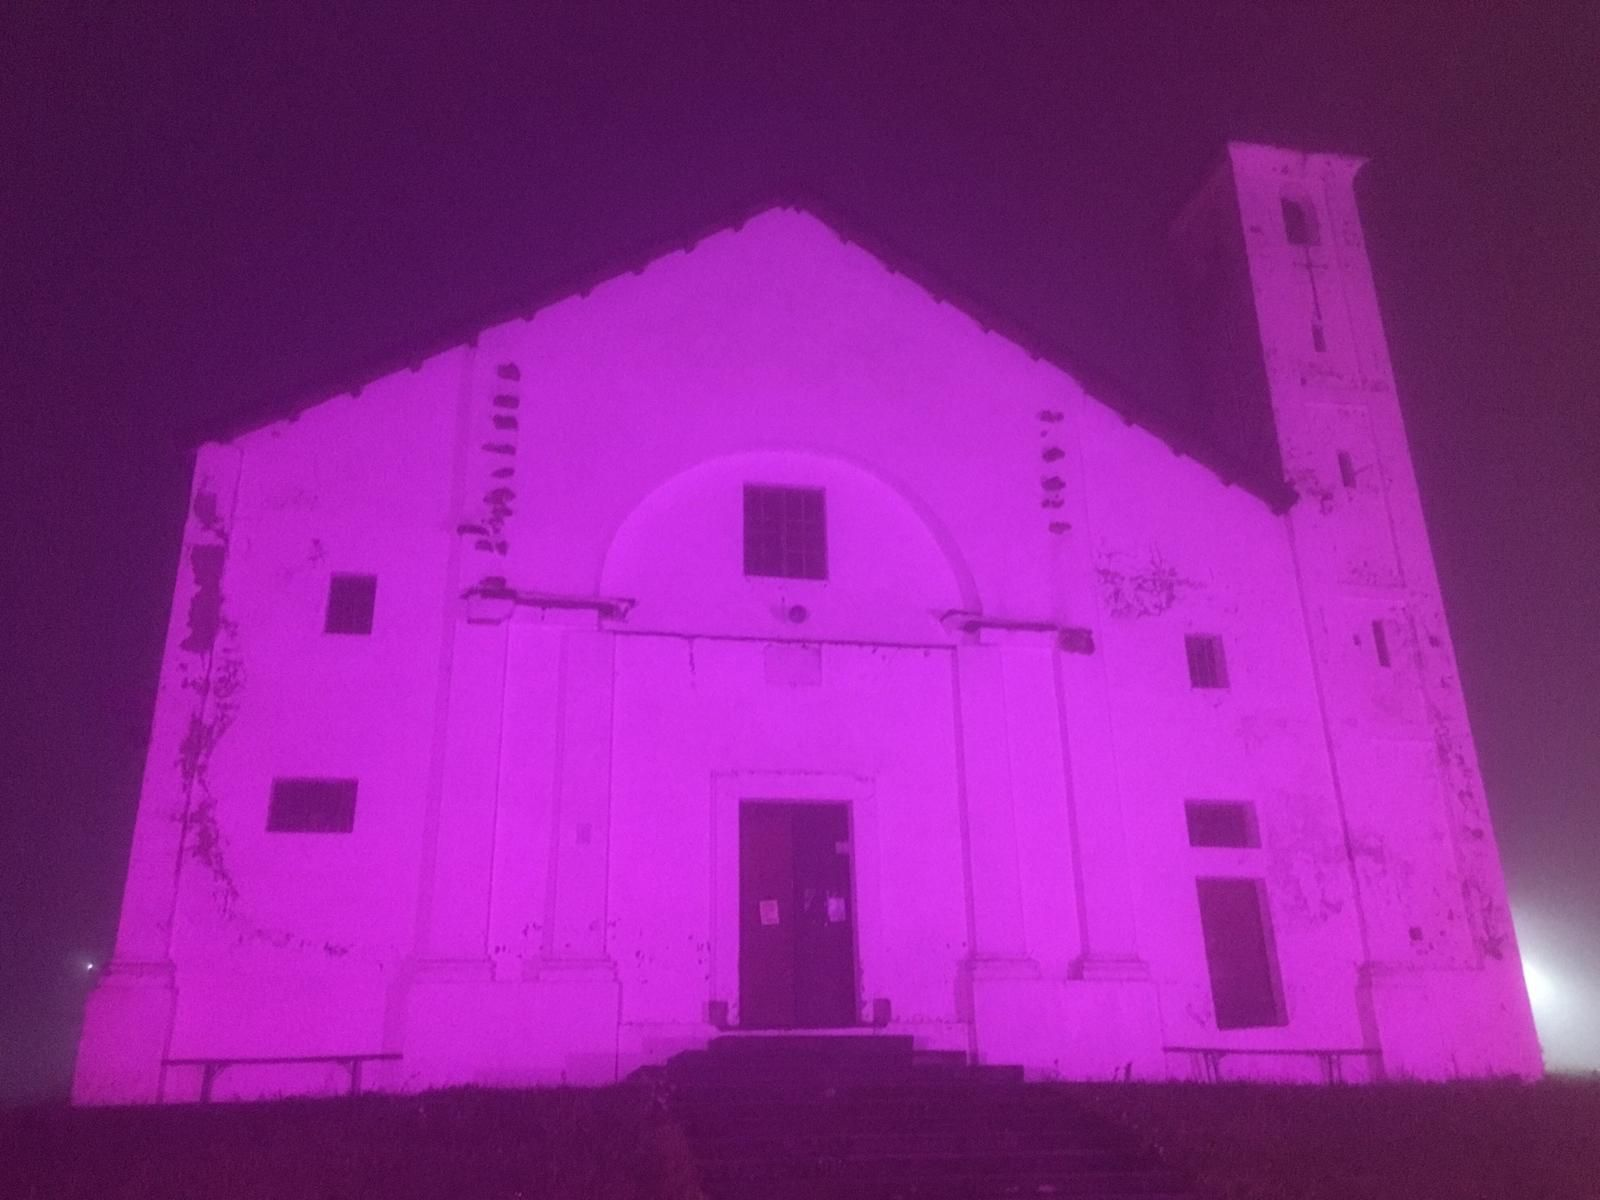 COLLERETTO CASTELNUOVO - Santa Elisabetta omaggia il Giro d'Italia e si colora di rosa